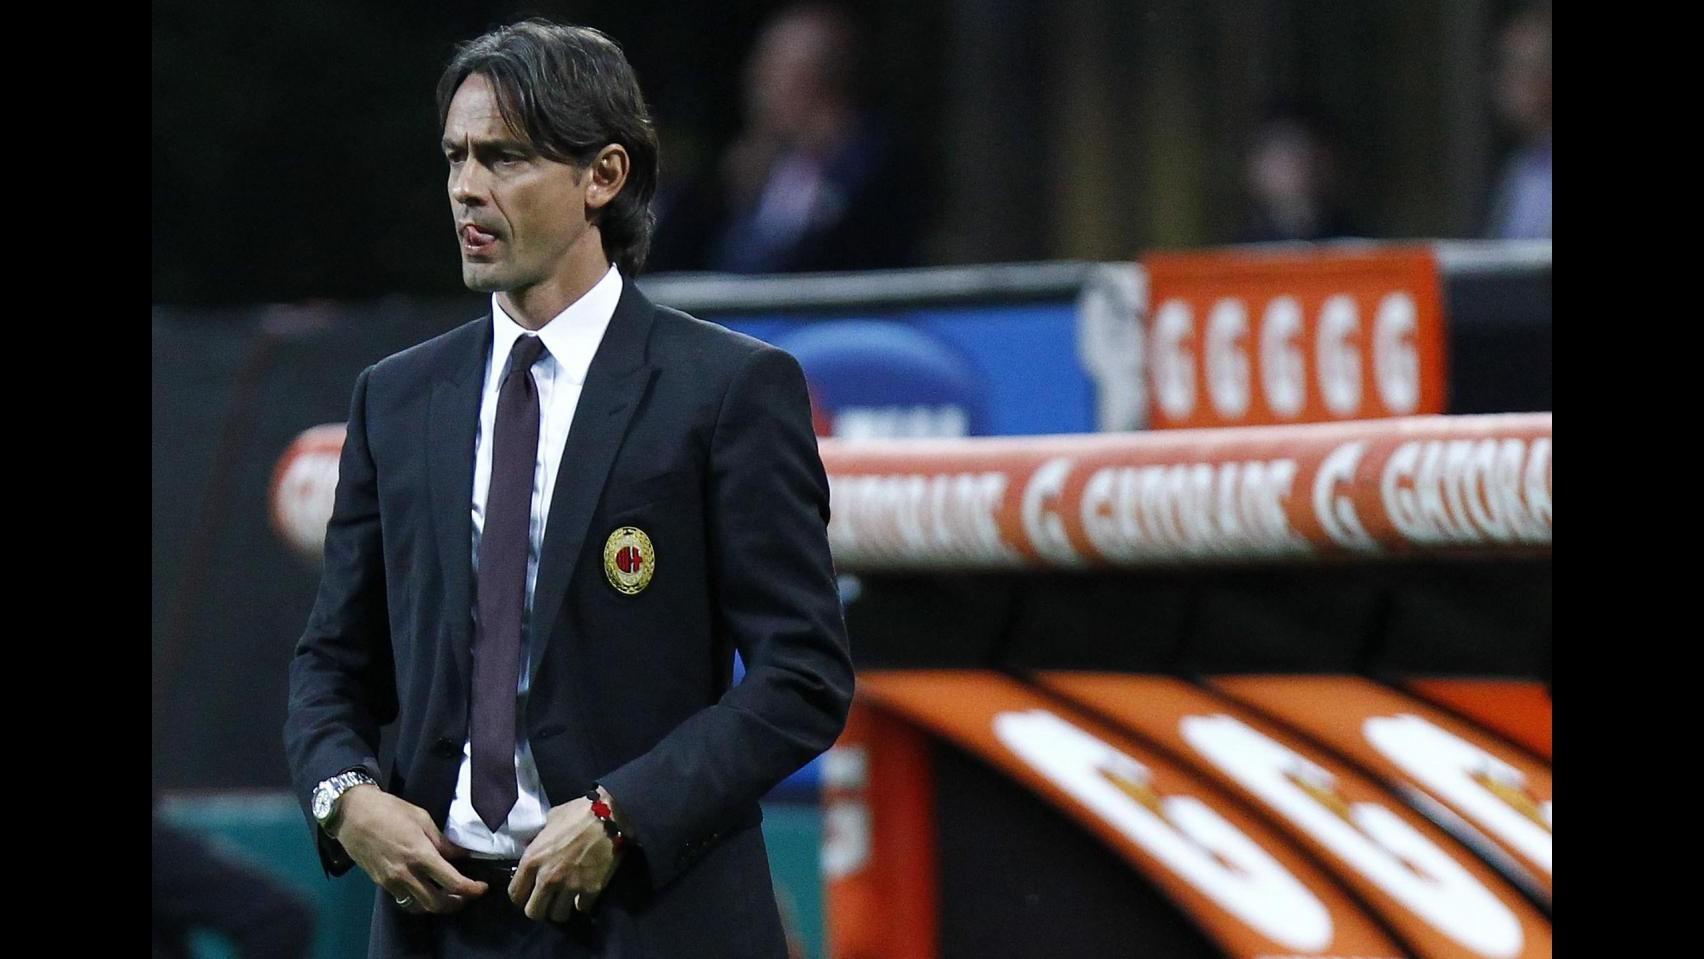 Il Milan silura Inzaghi: da tecnico promessa a flop